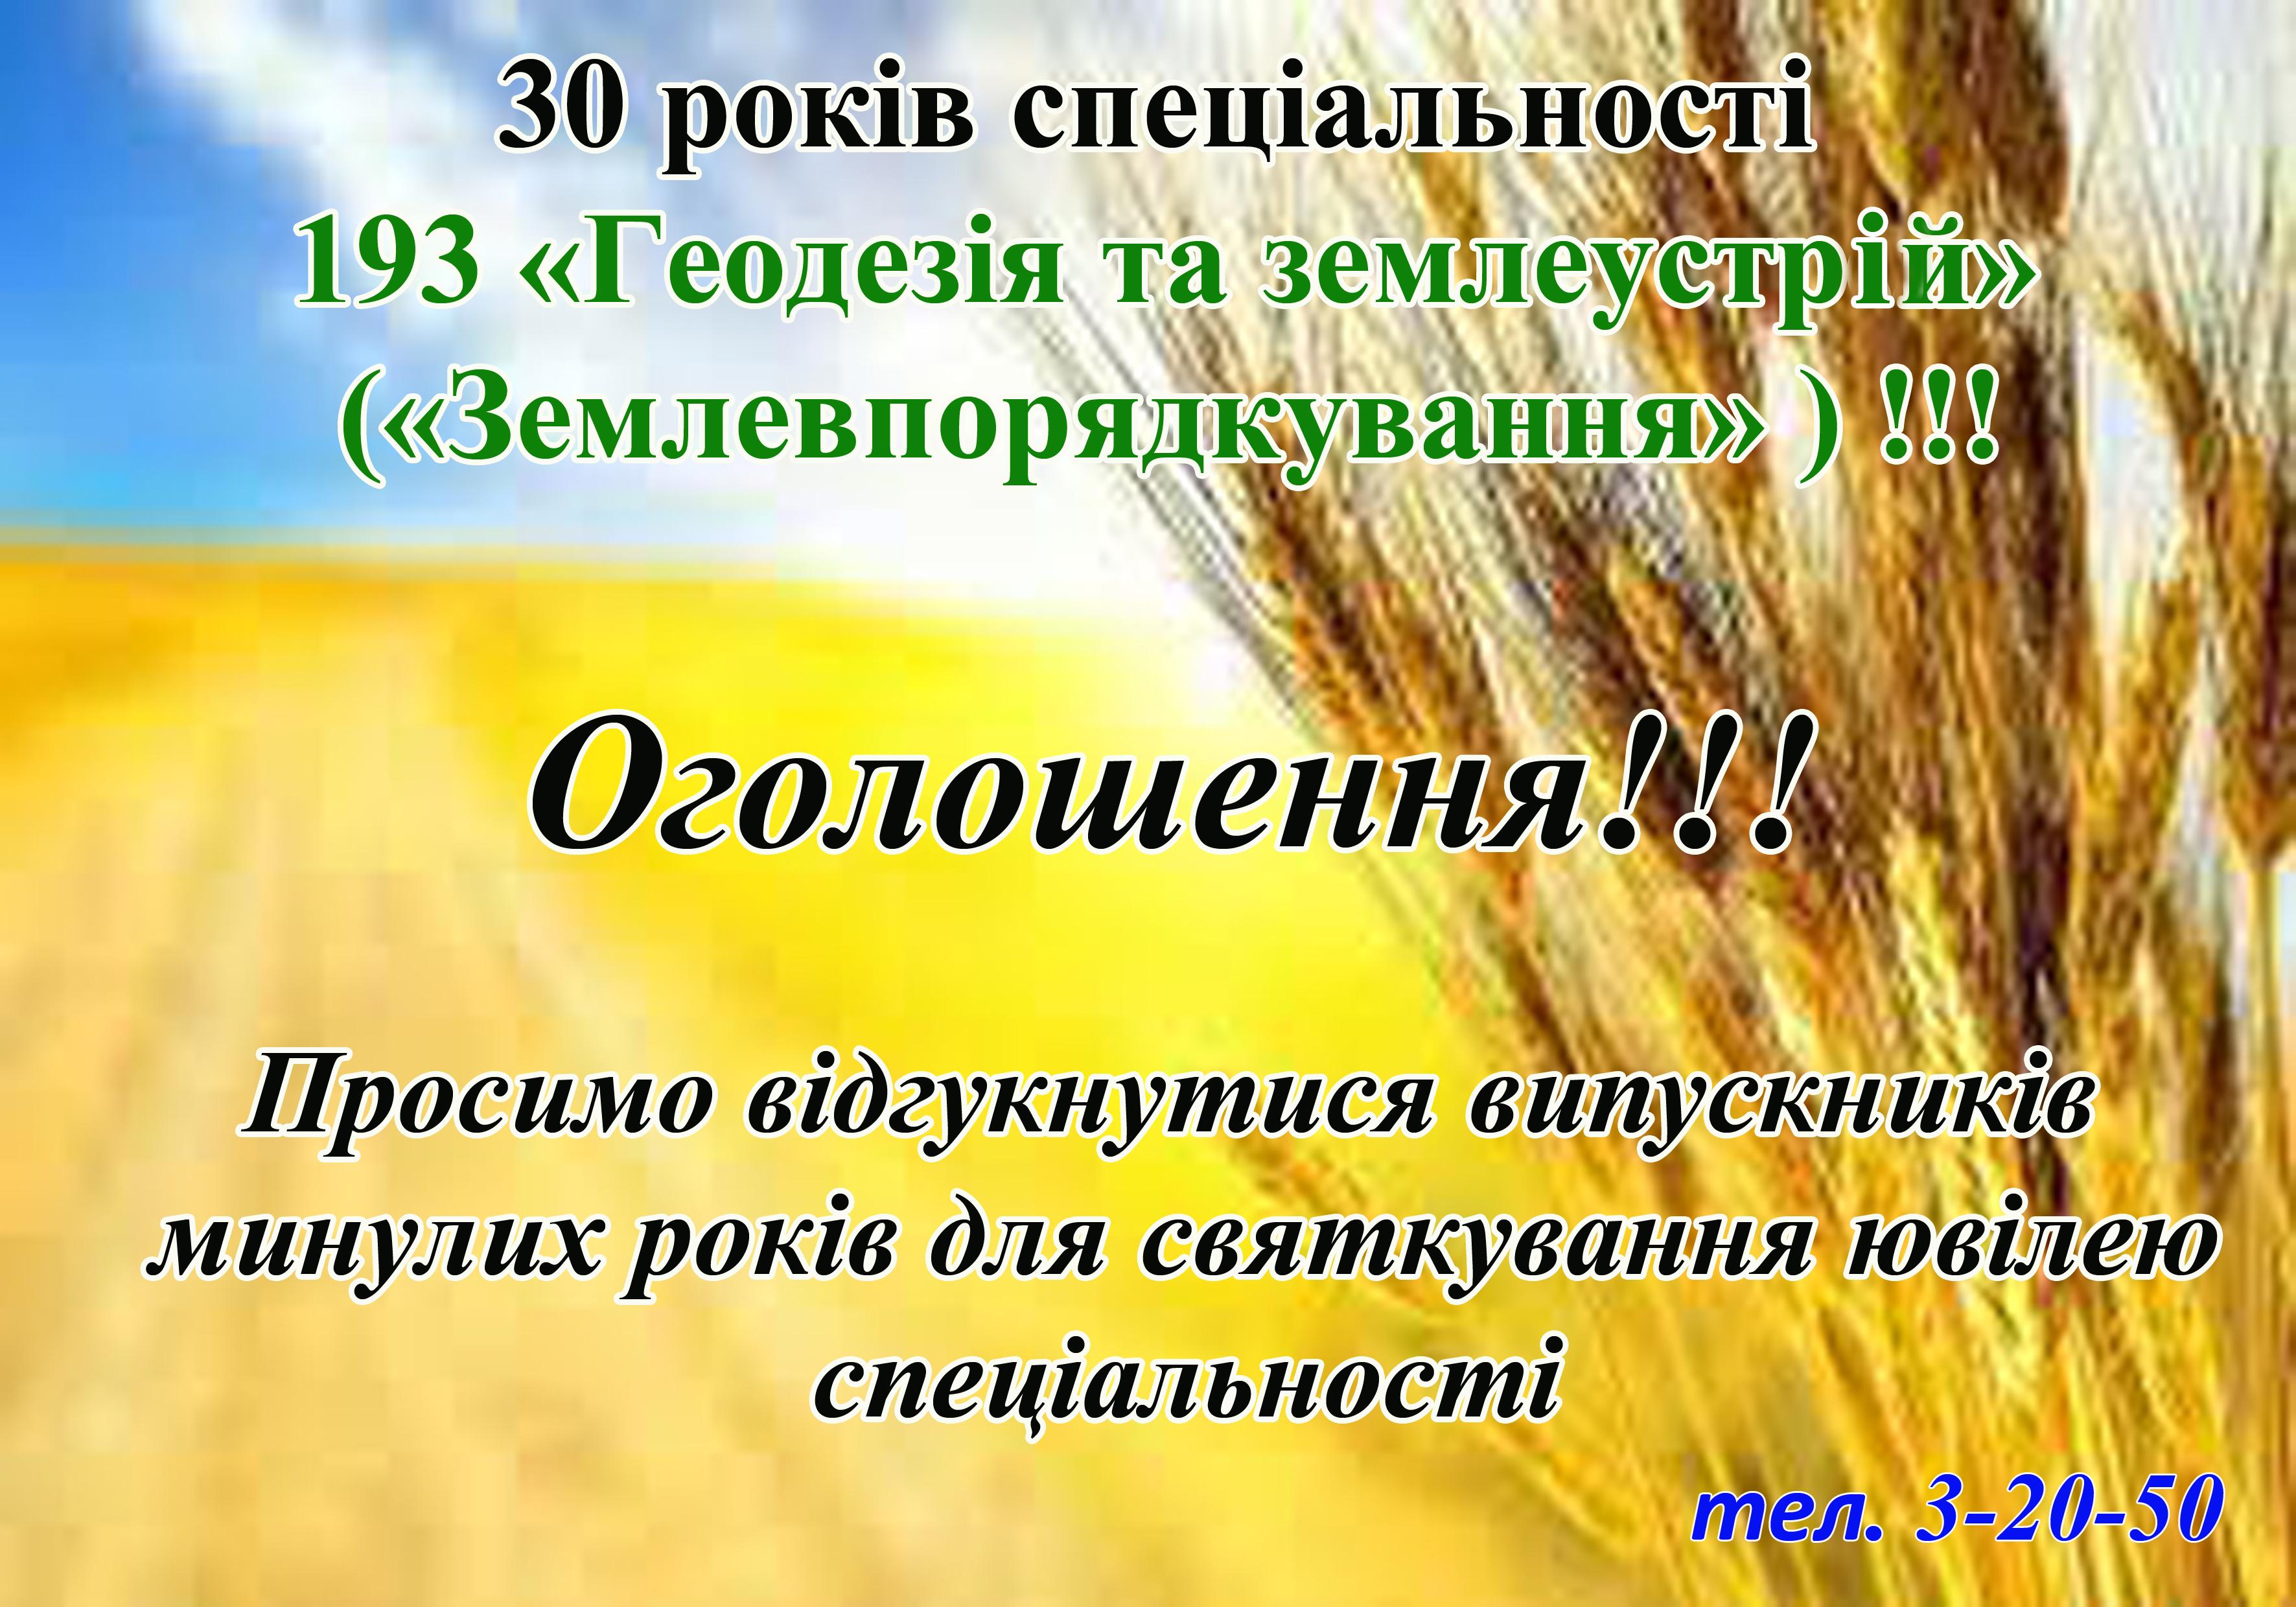 http://agrokoledg.at.ua/avatar/documents/ogoloshennja_zemle_juvilej.jpg